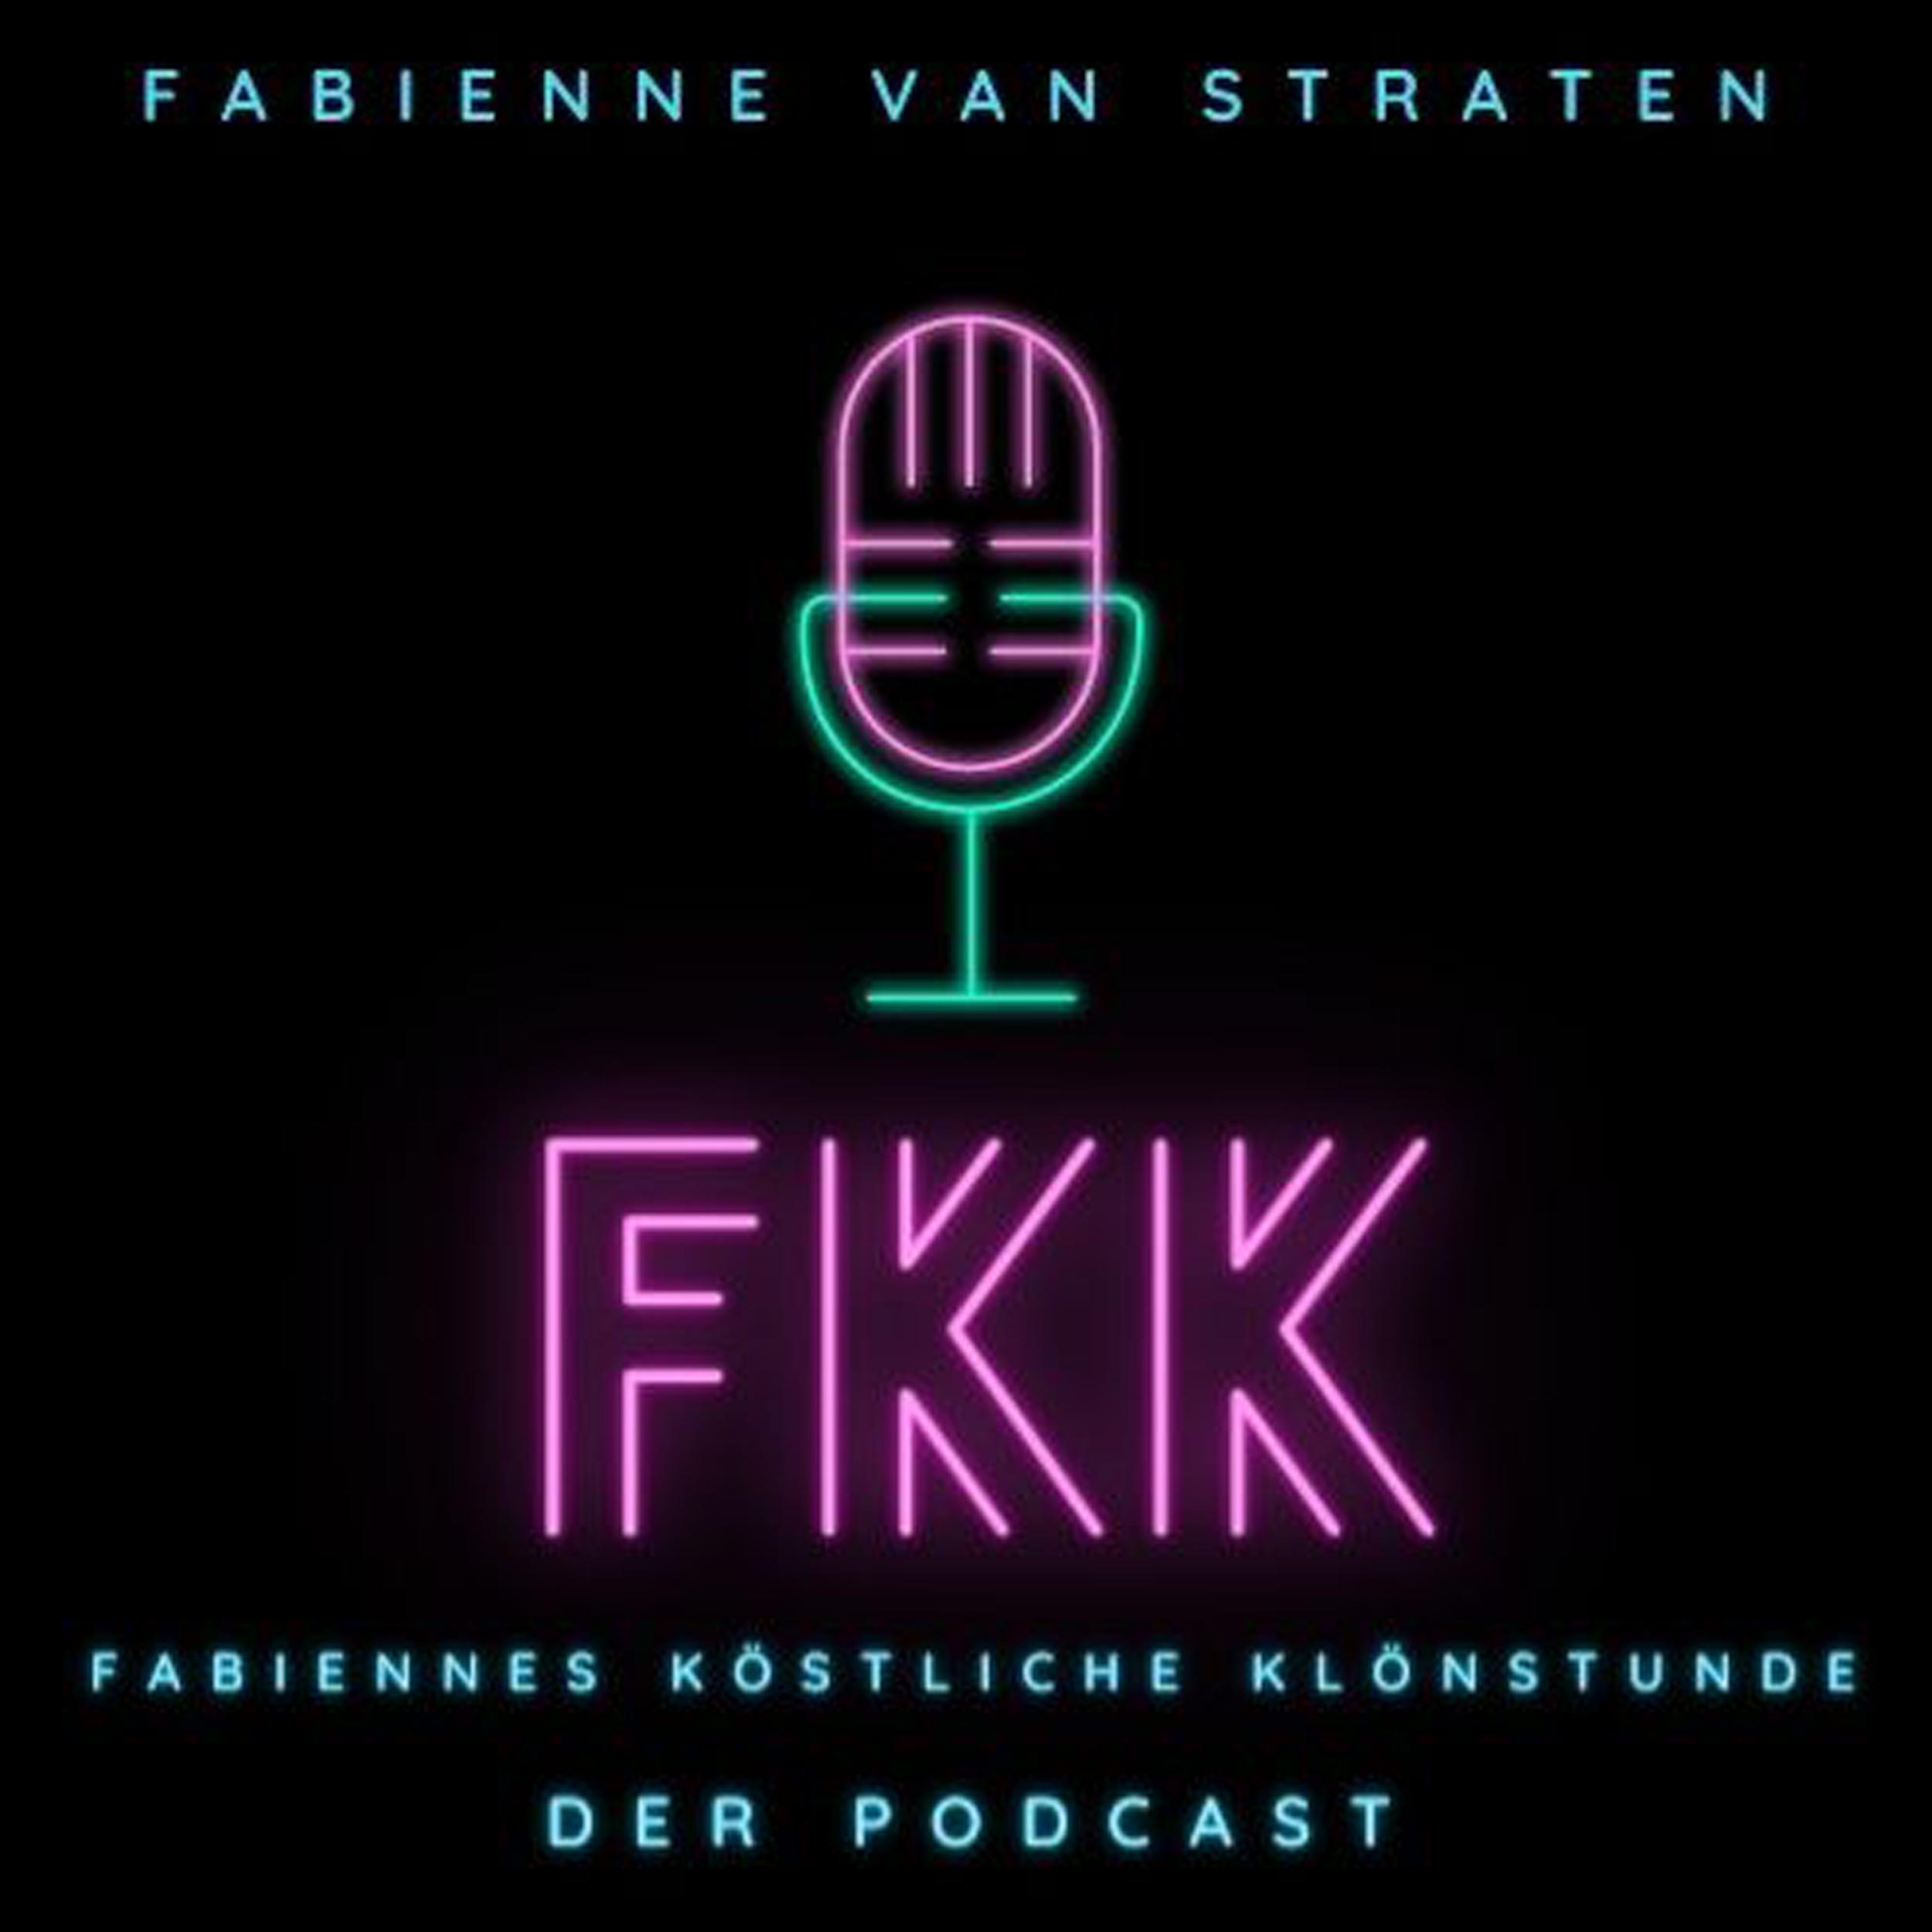 FKK - Fabiennes köstliche Klönstunde Cover